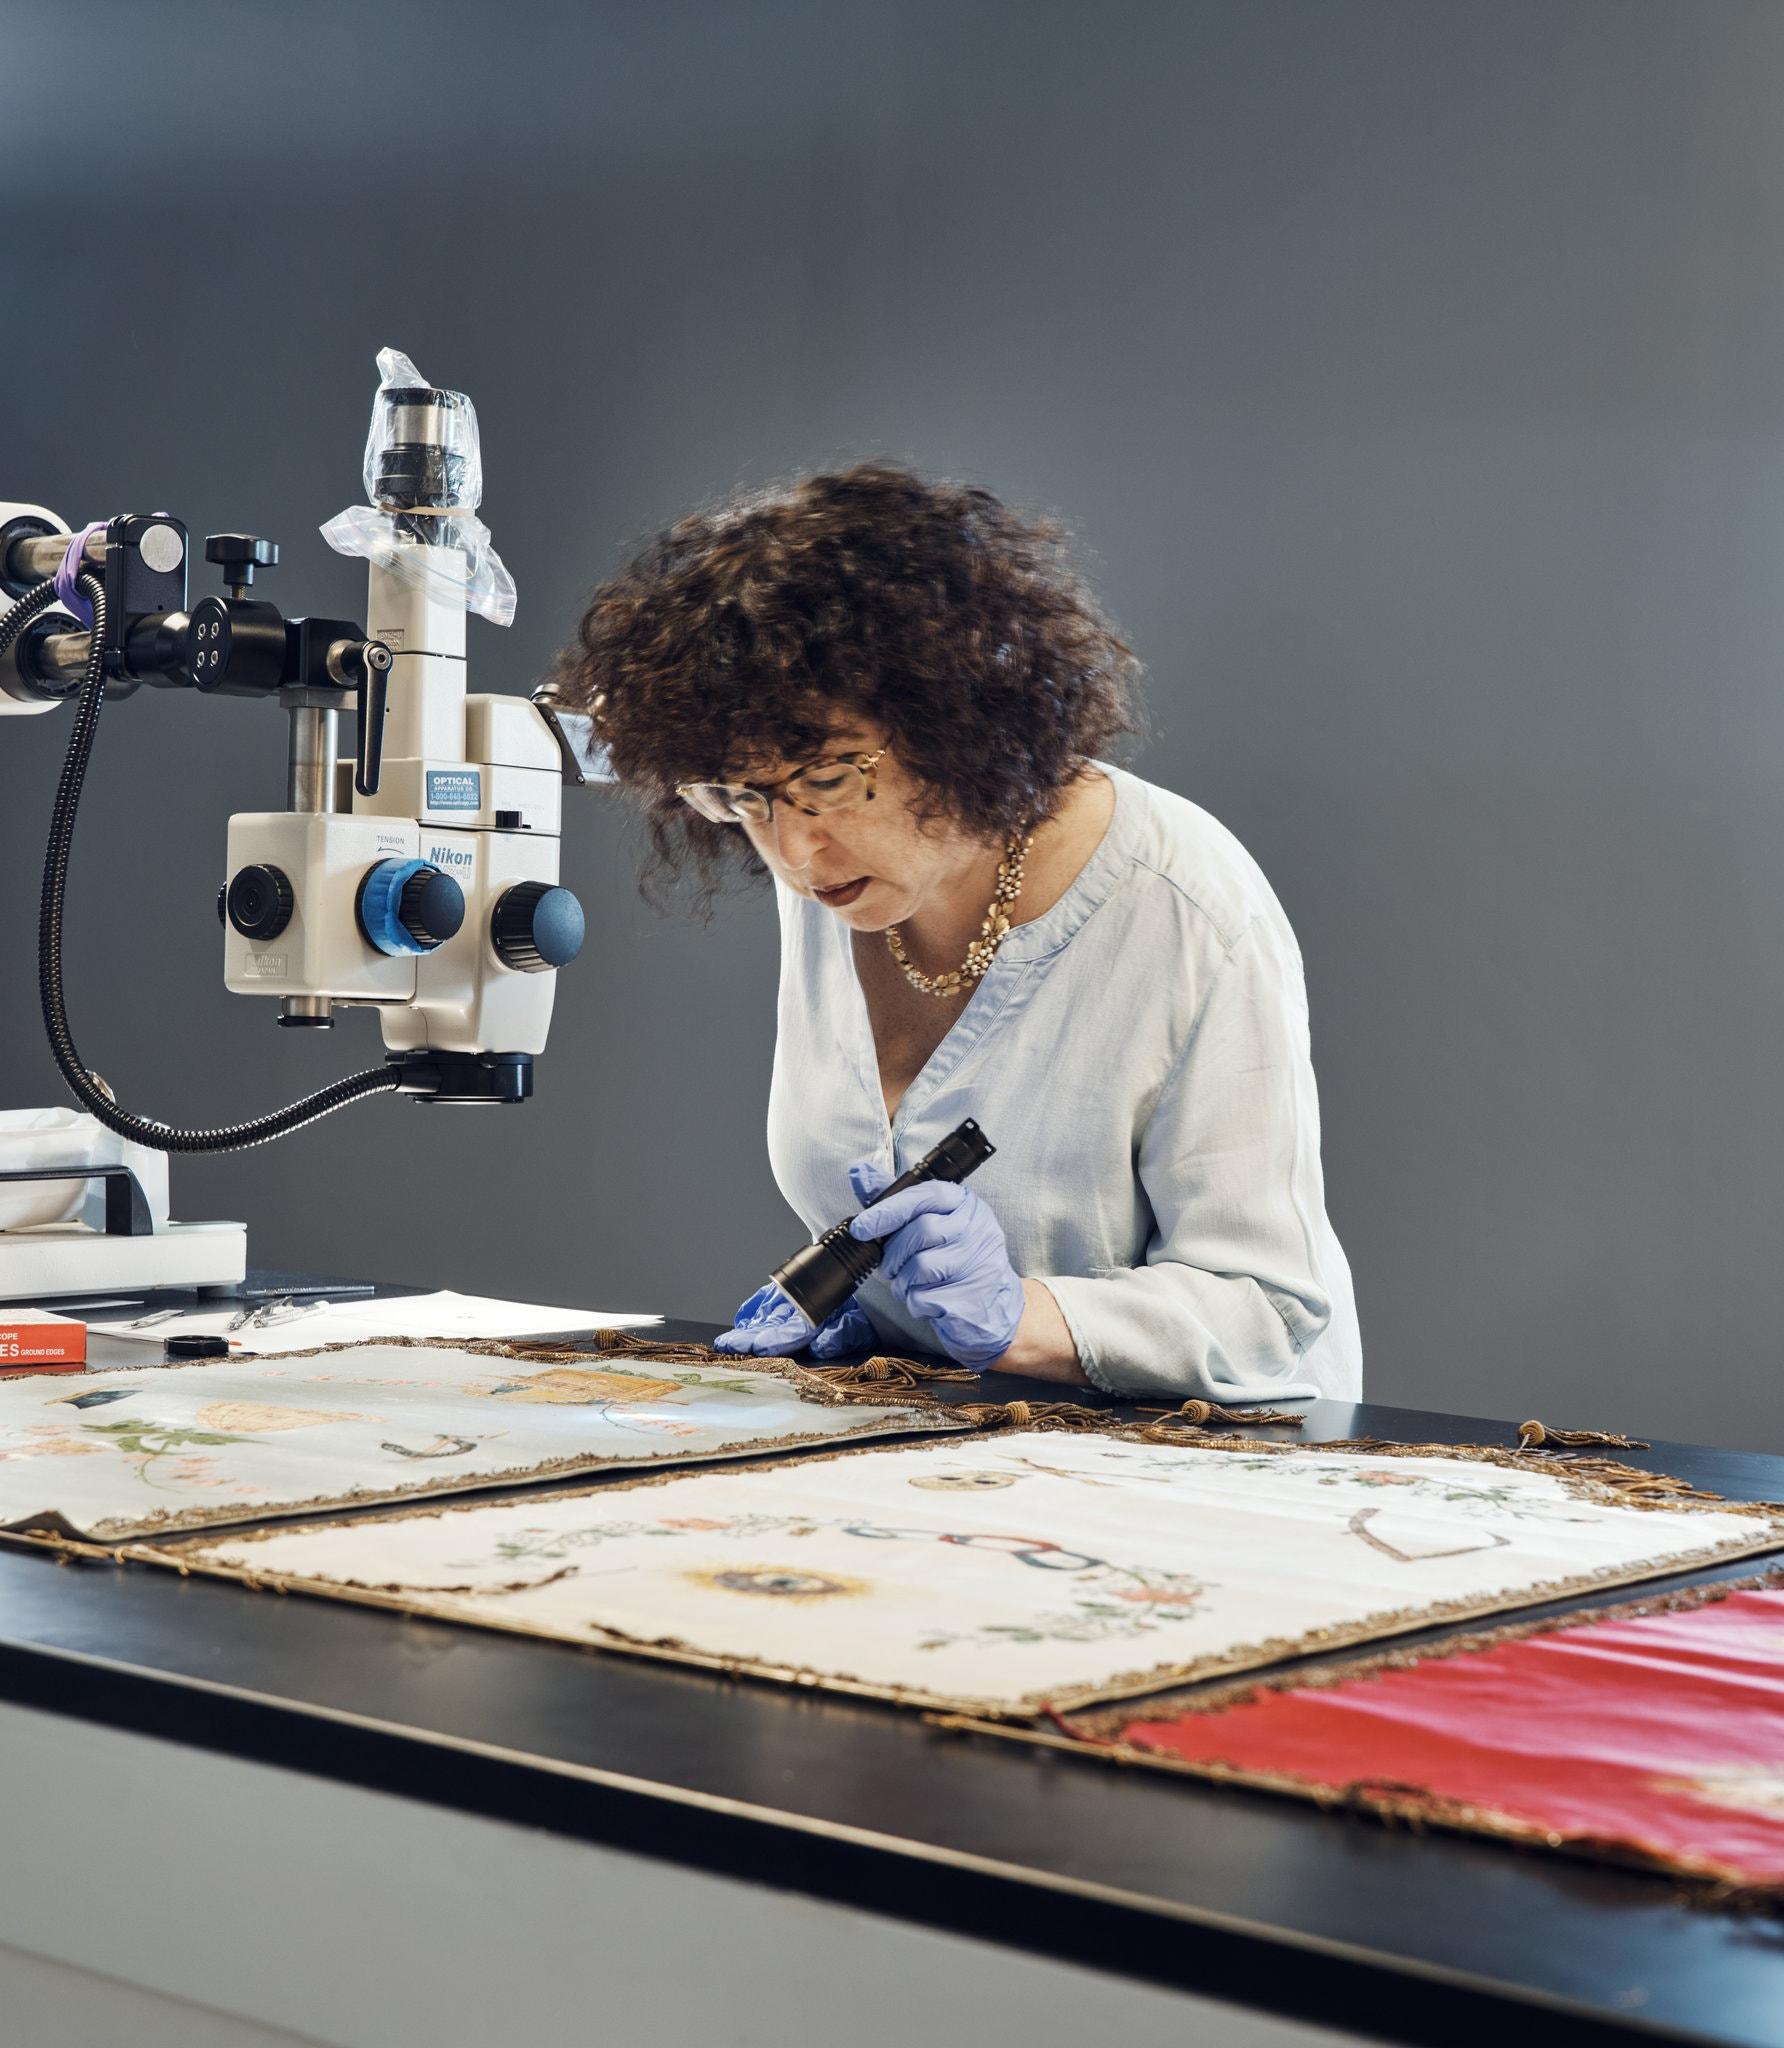 Jennifer Mass, presidente della sezione Scientific Analysis del Fine Art lab.(Credit: Thomas Prior for The New York Times)